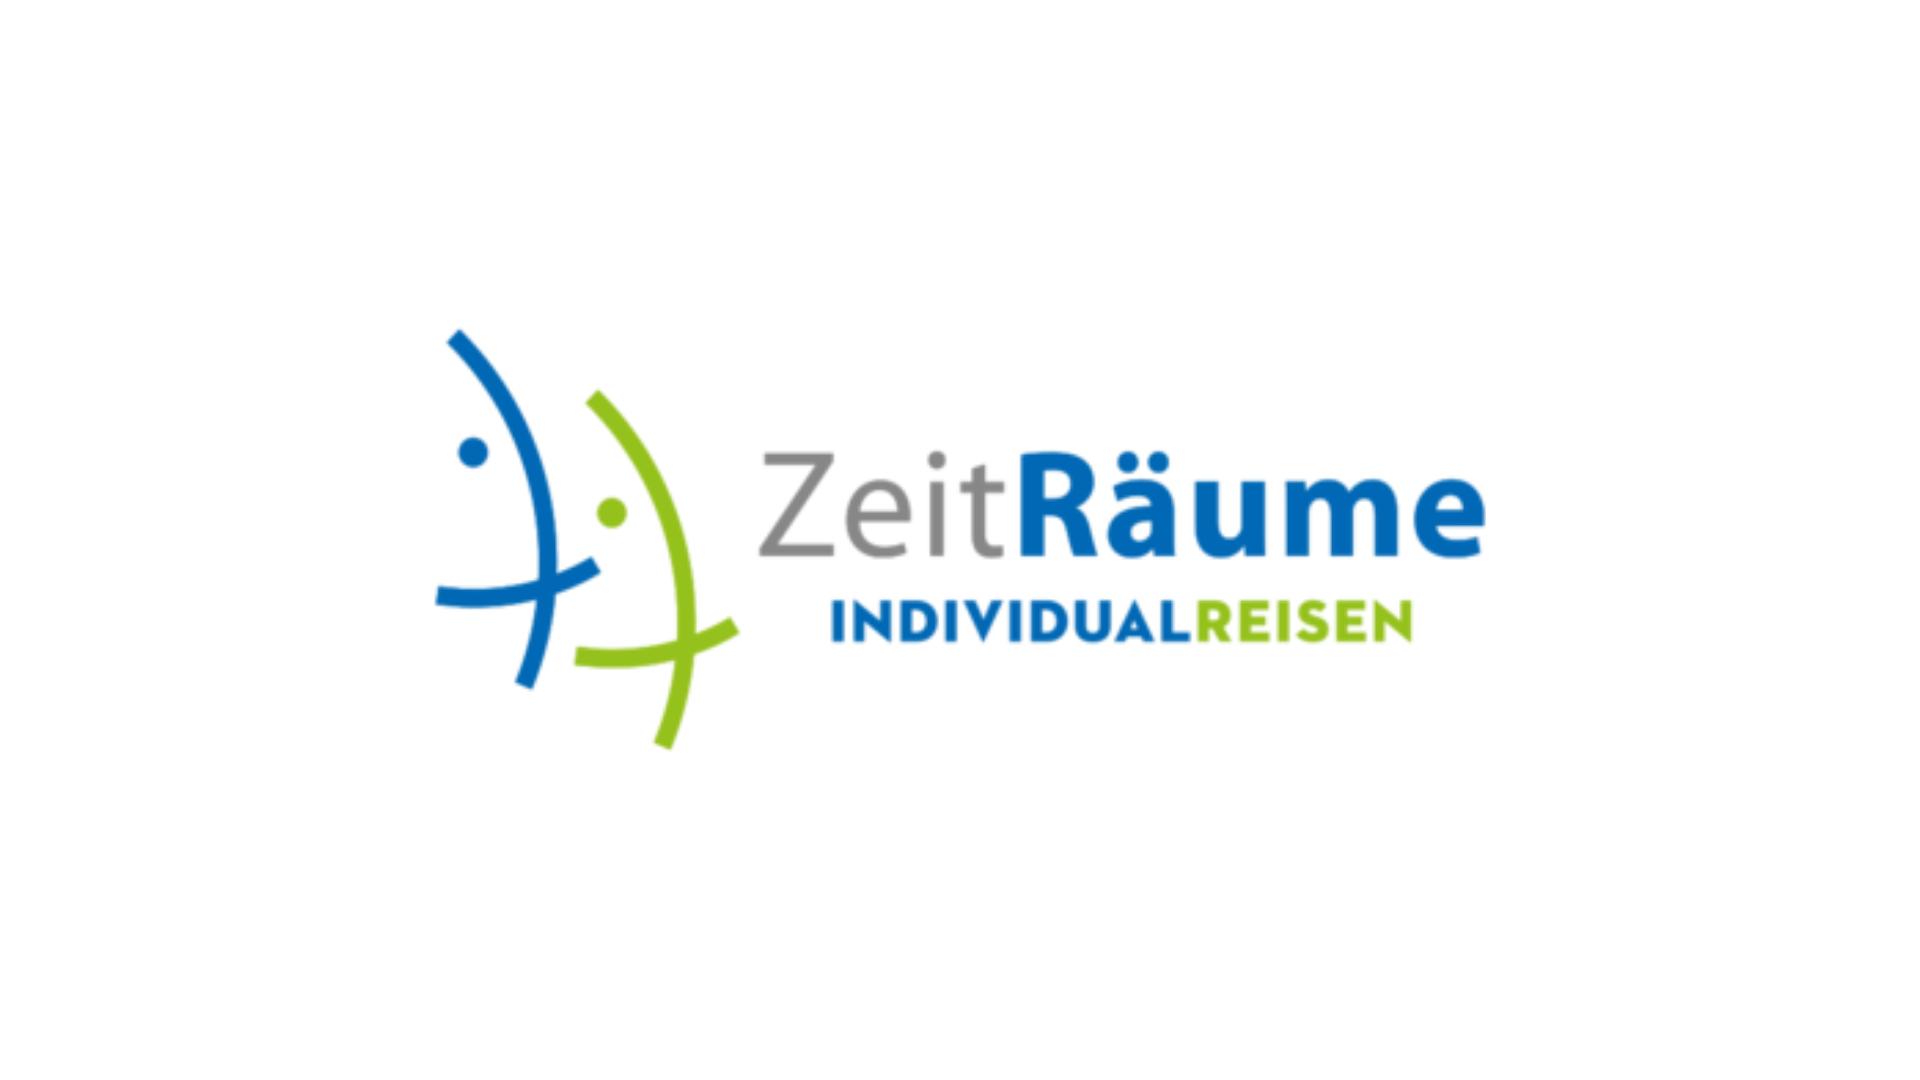 zeiträume-logo-w